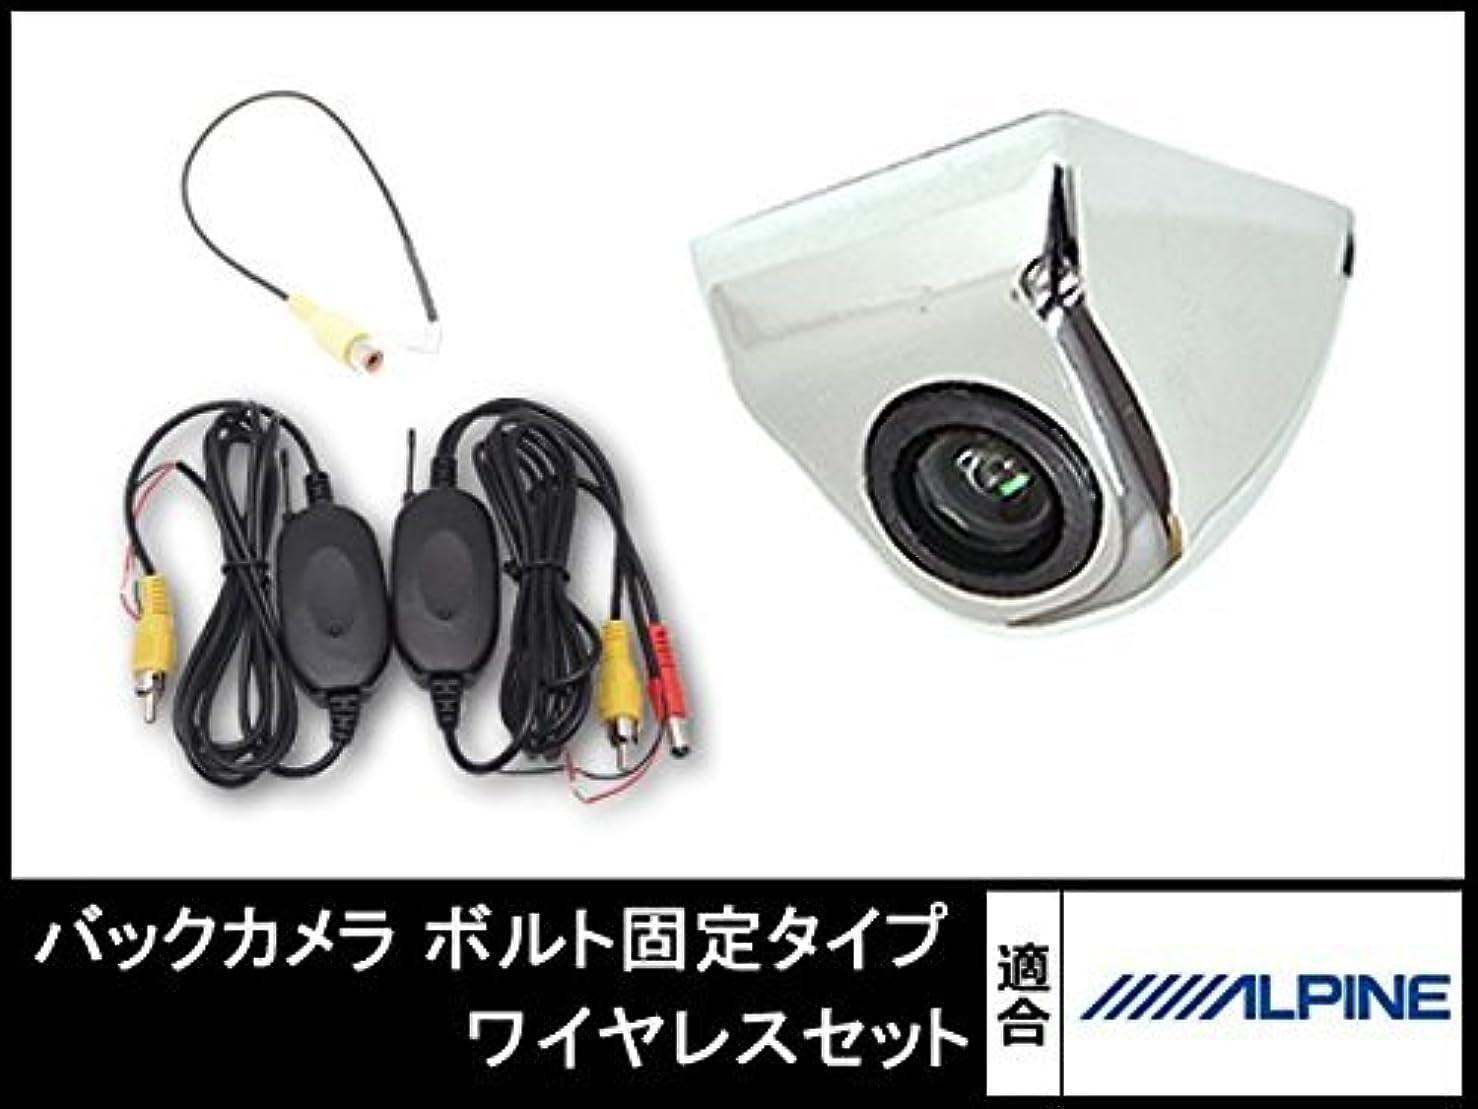 未払い新着精神的にヴェルファイア 専用設計ナビ VIE-X008-VE-LED 対応 高画質 バックカメラ ボルト固定タイプ シルバー 車載用 広角170° 超高精細 CMOS センサー 【ワイヤレスキット付】